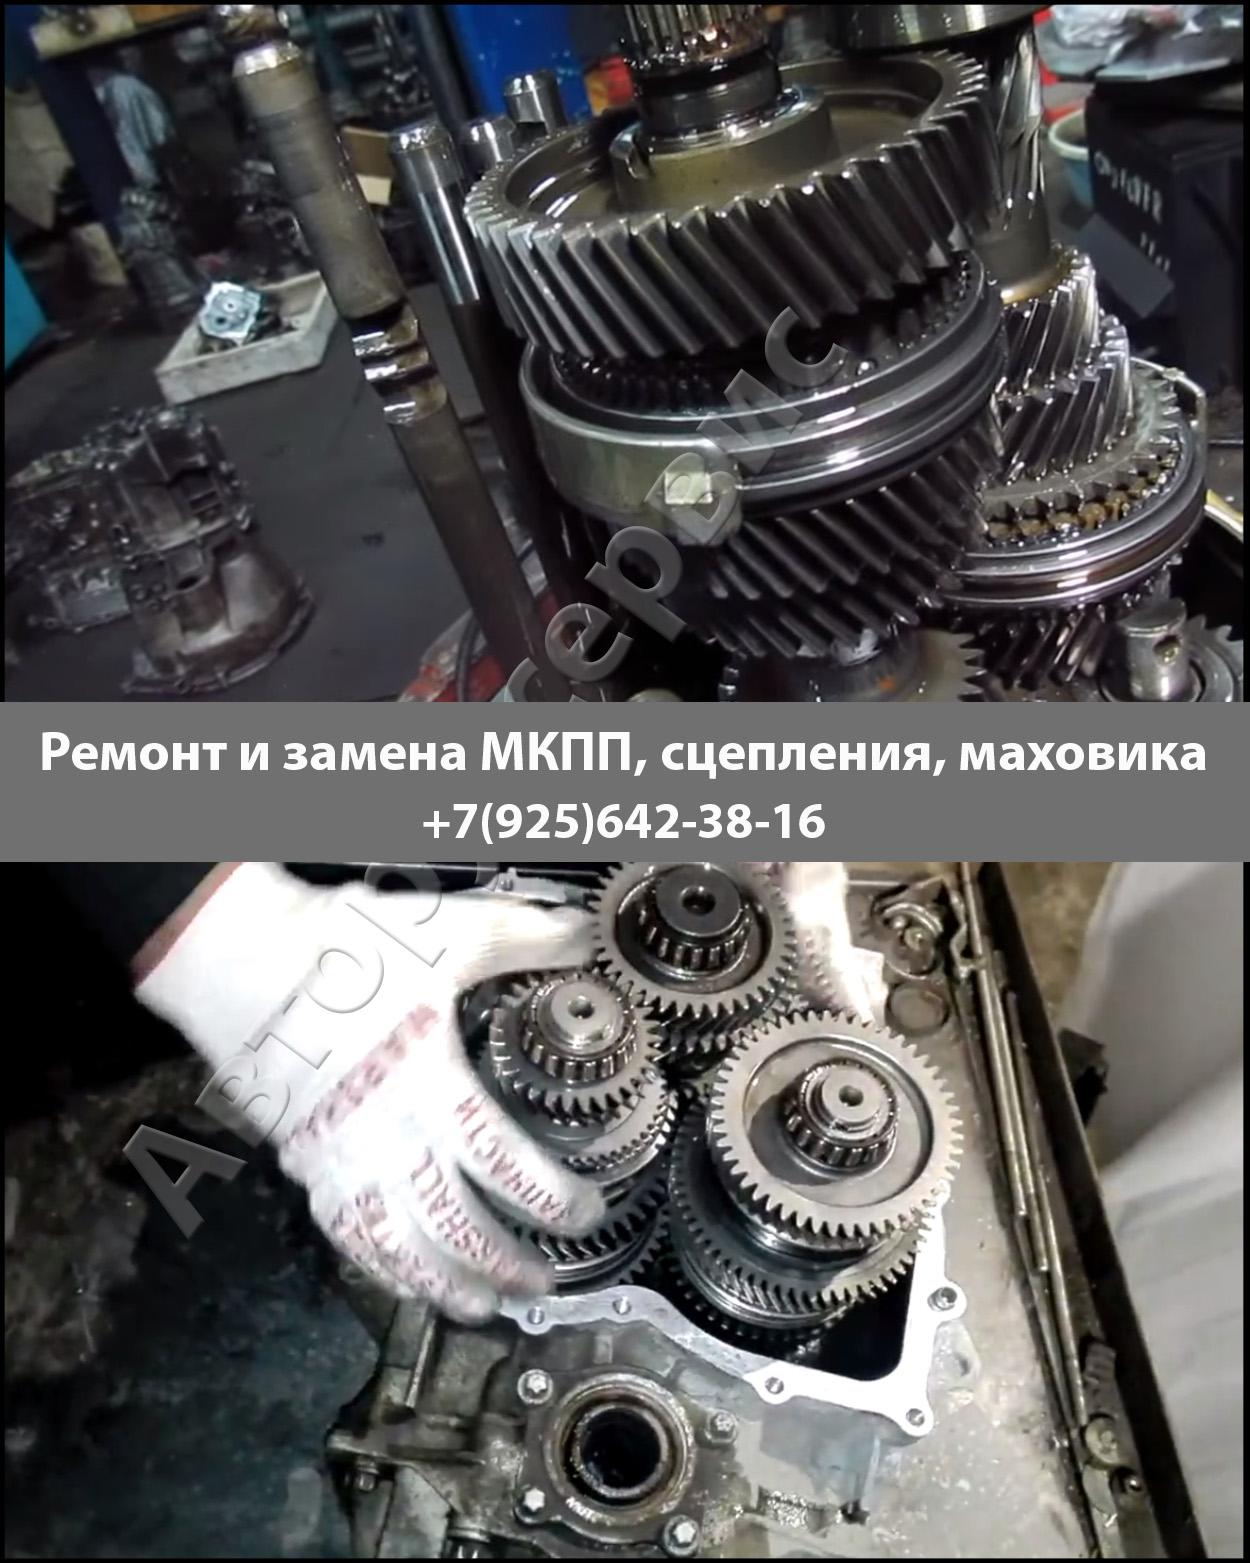 Коробка передач транспортер т4 ремонт кущевский район степнянский элеватор